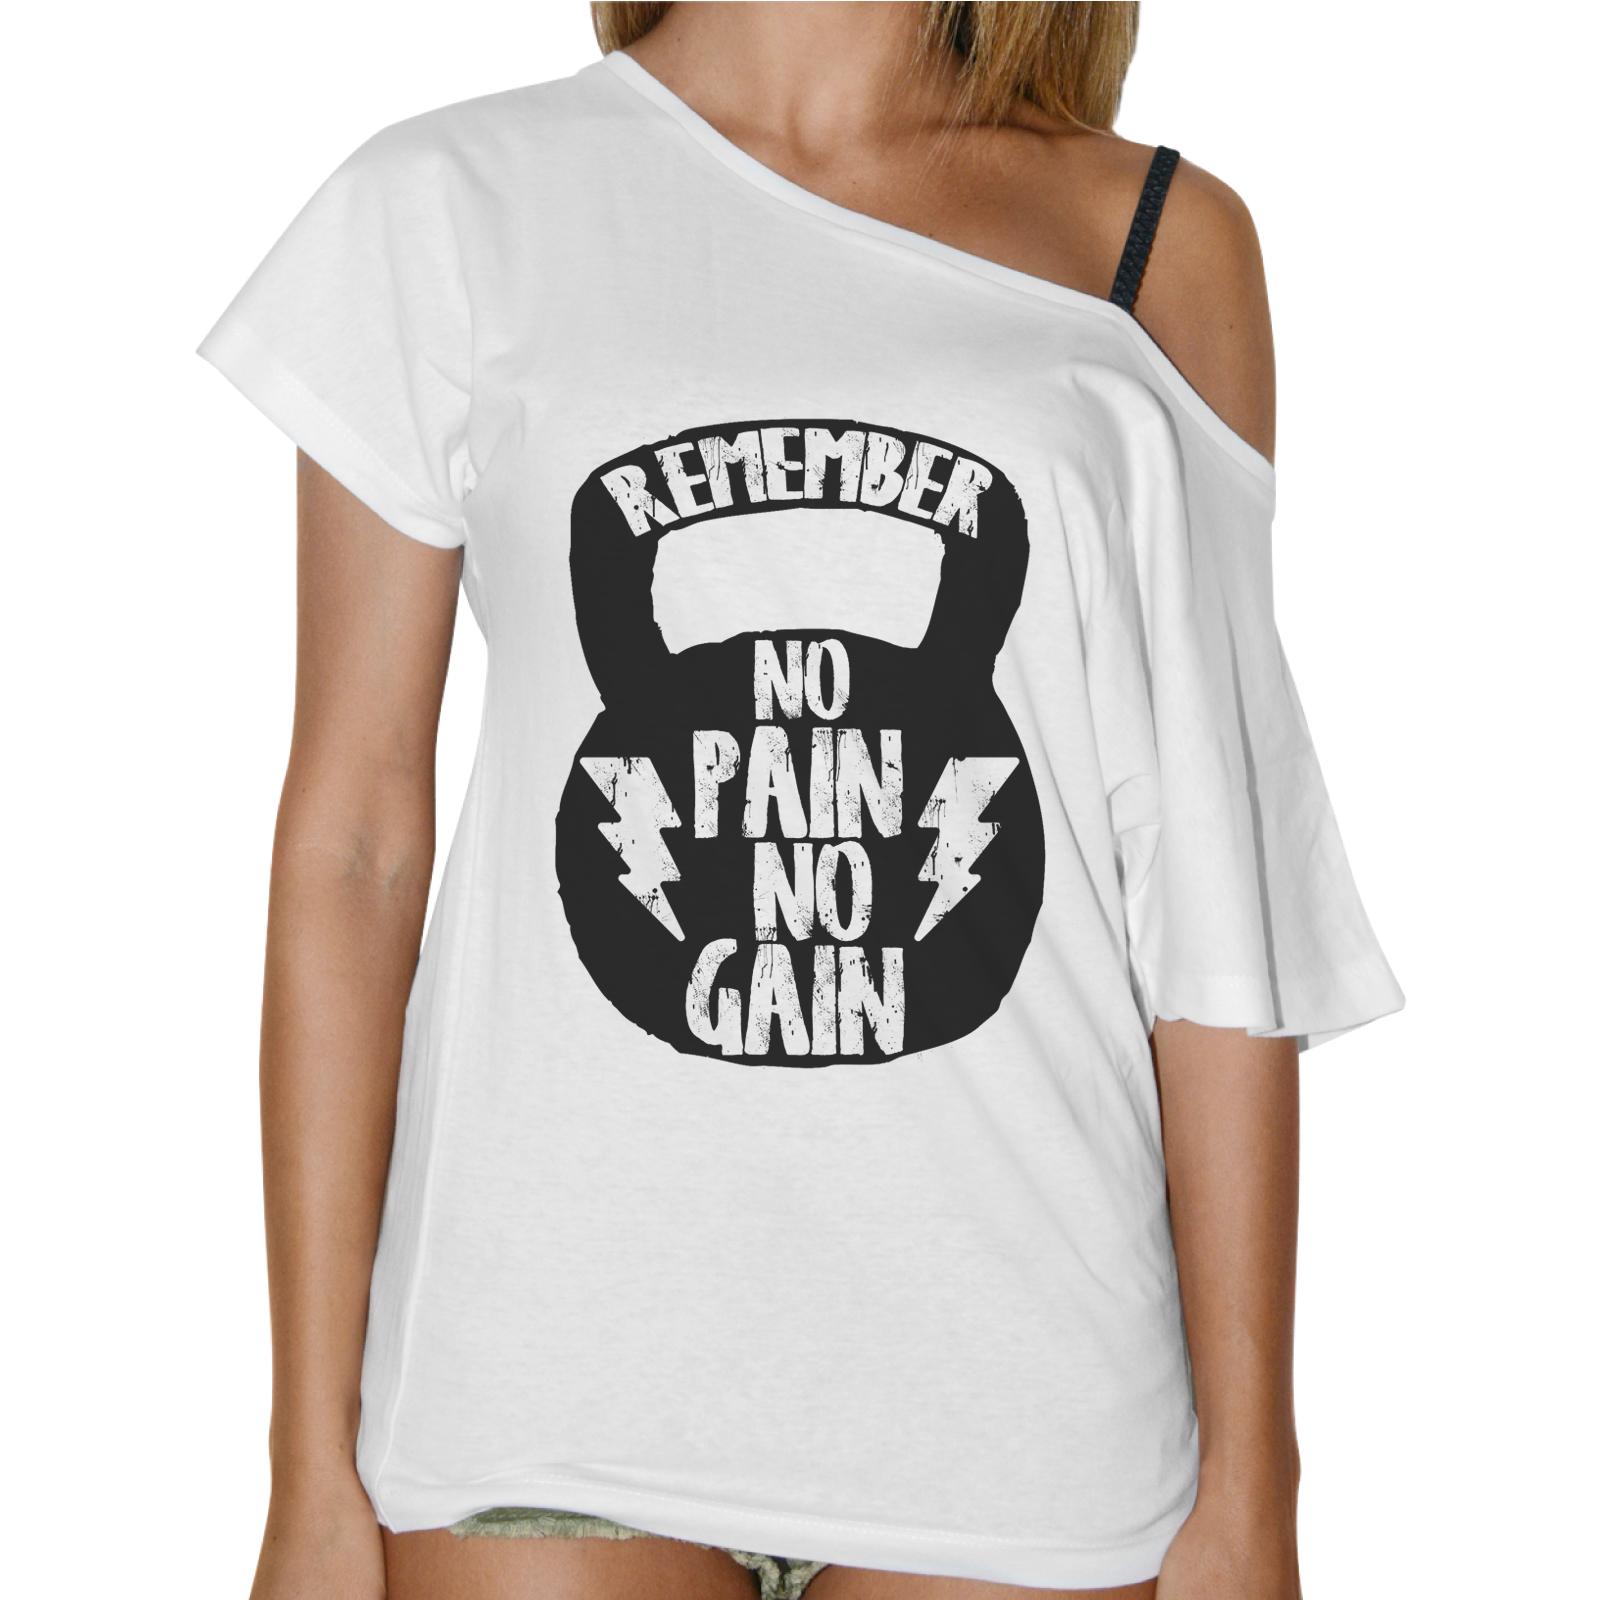 T-Shirt Donna Collo Barca NO PAIN NO GAIN